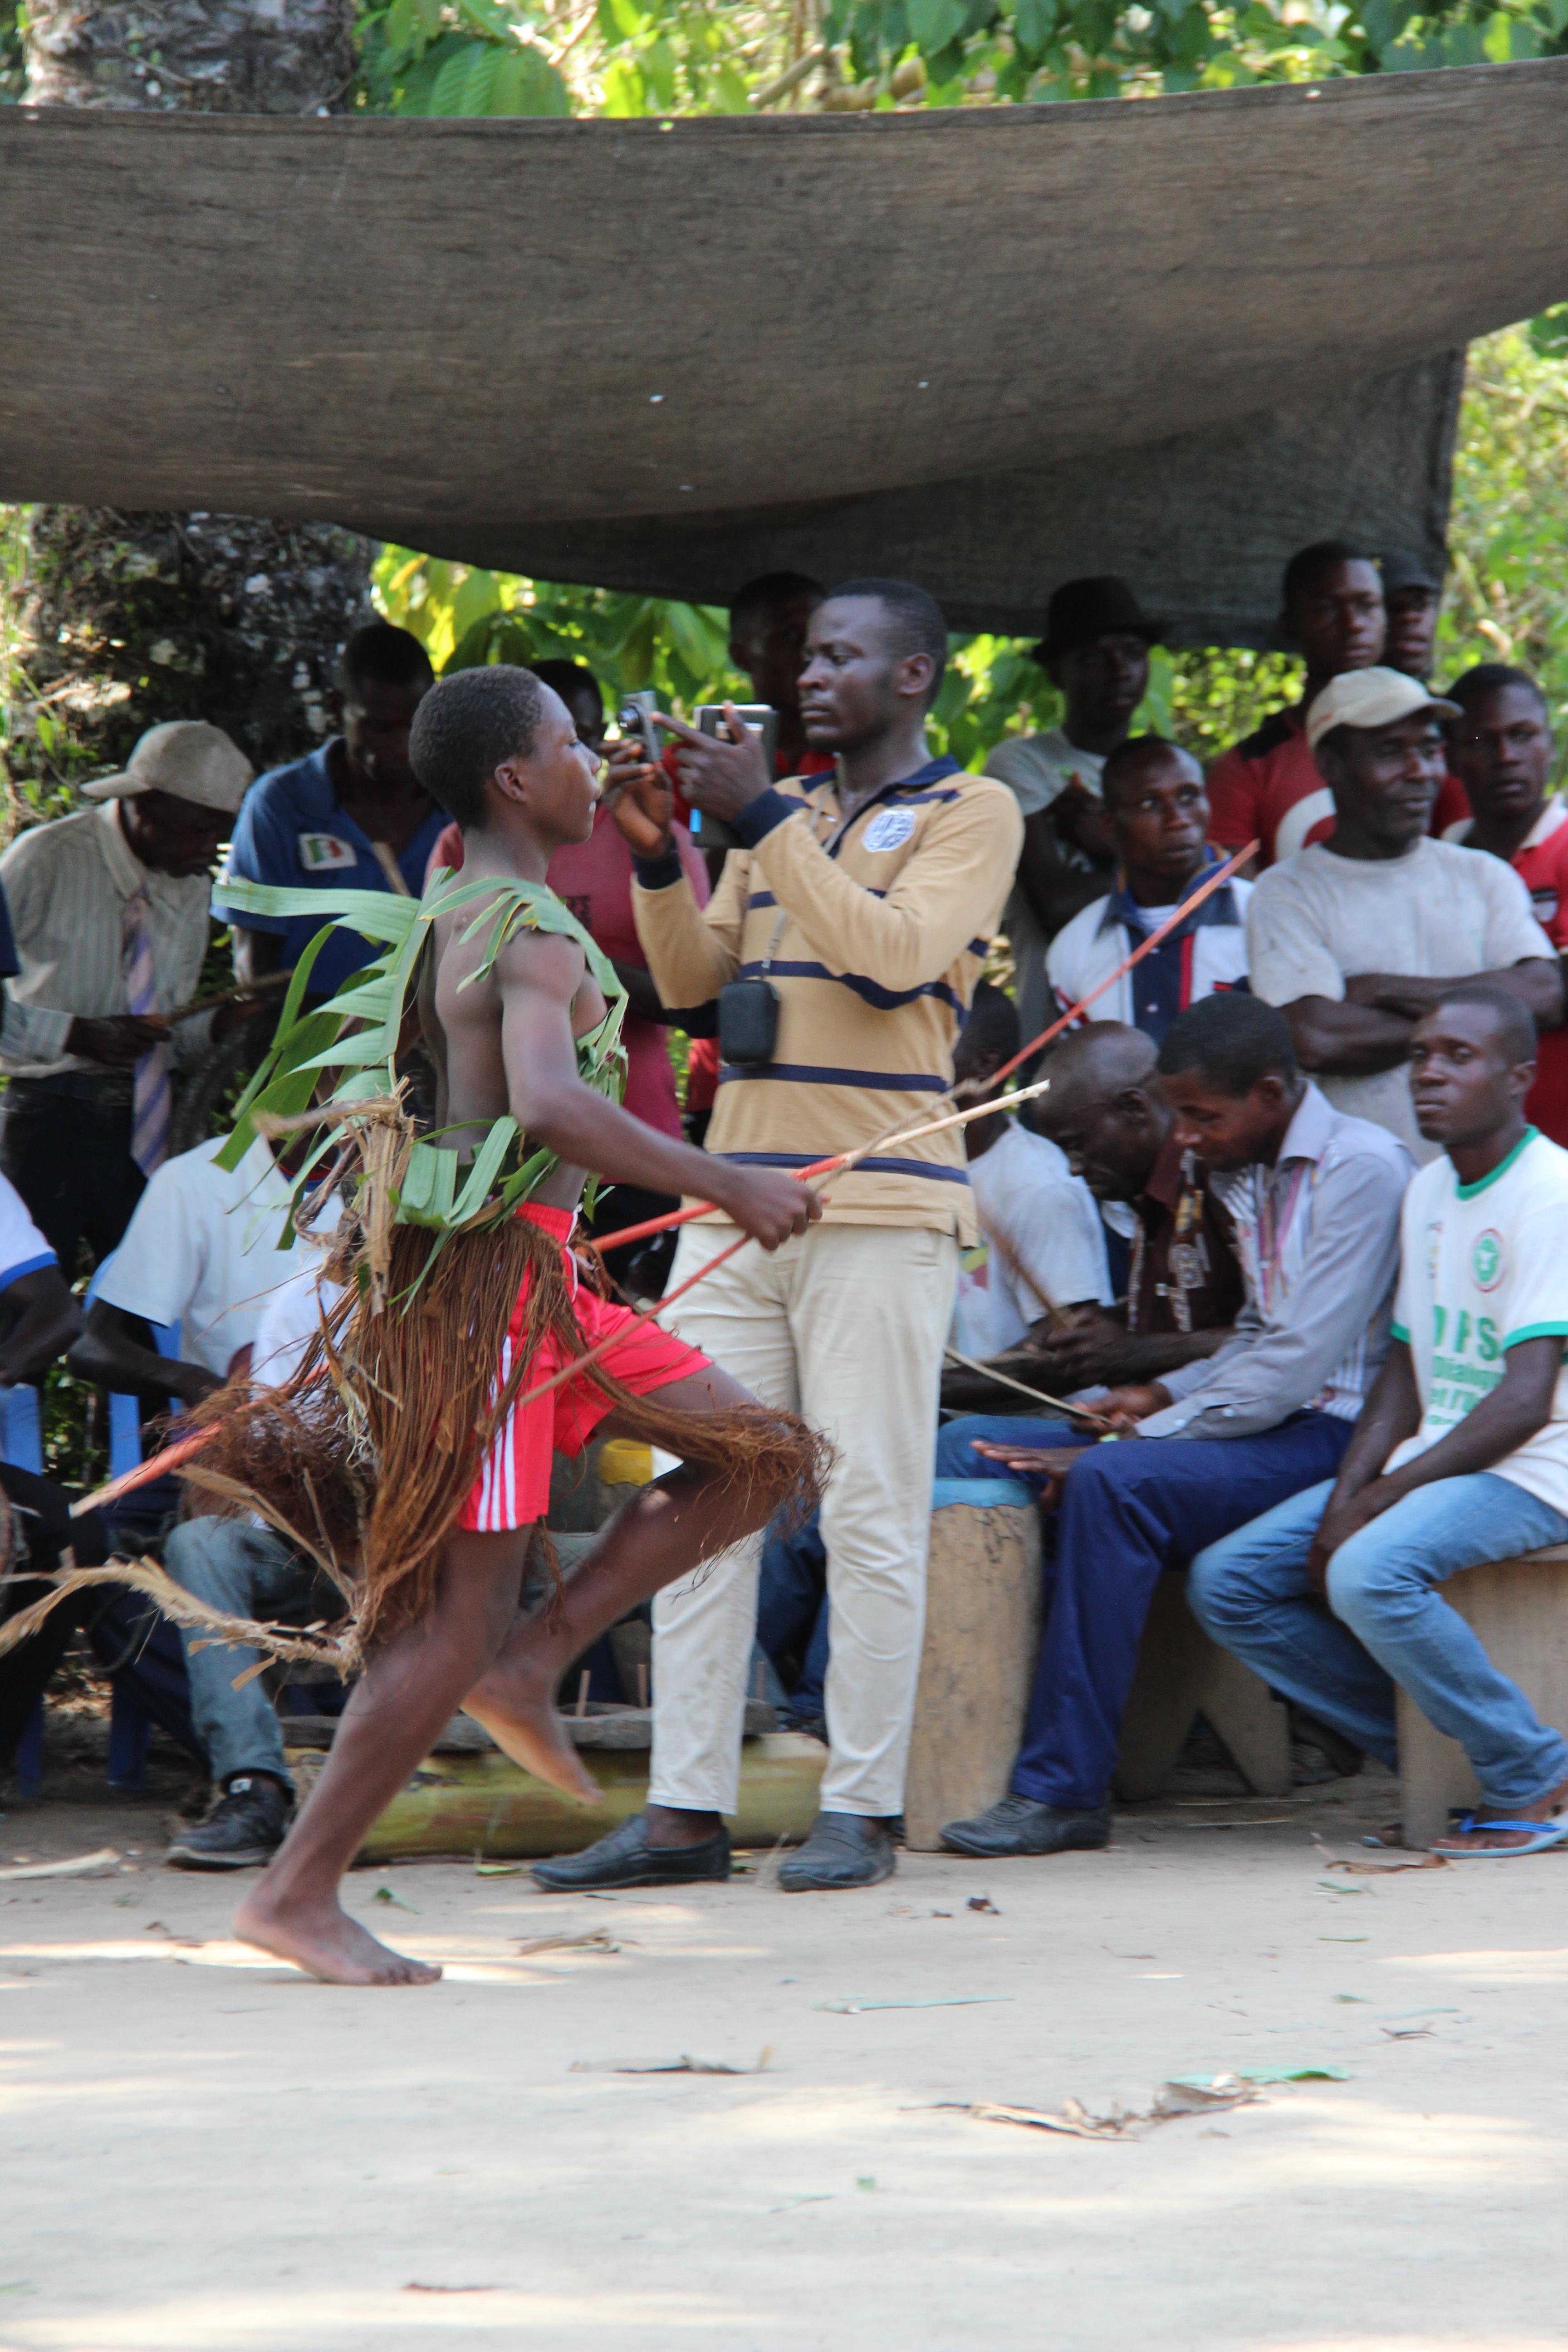 La Iglesia de Congo-Brazzaville se carga de esperanza y fuerza para superar sus problemas